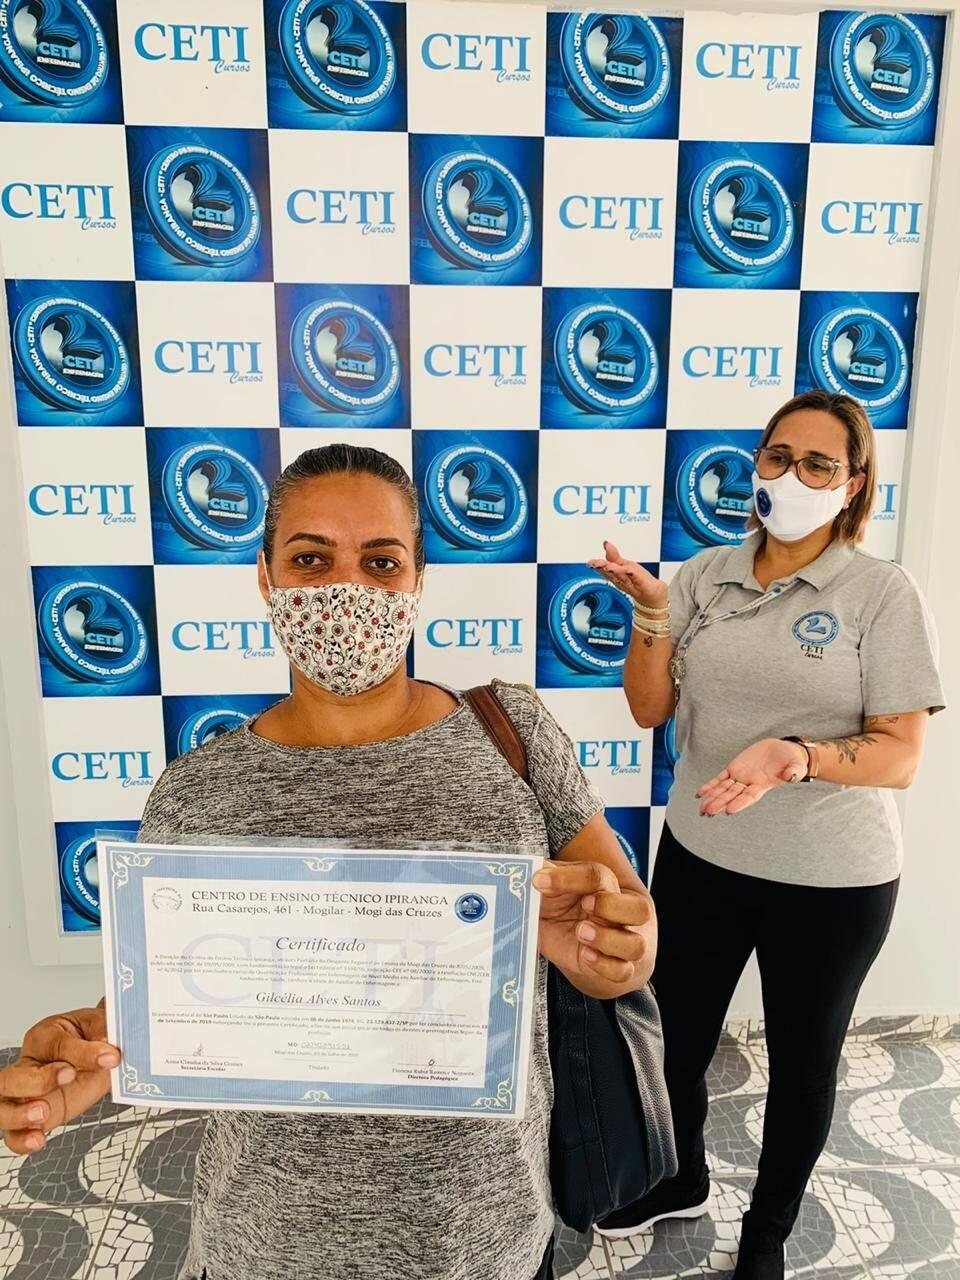 Certificado - GILCELIA ALVES SANTOS